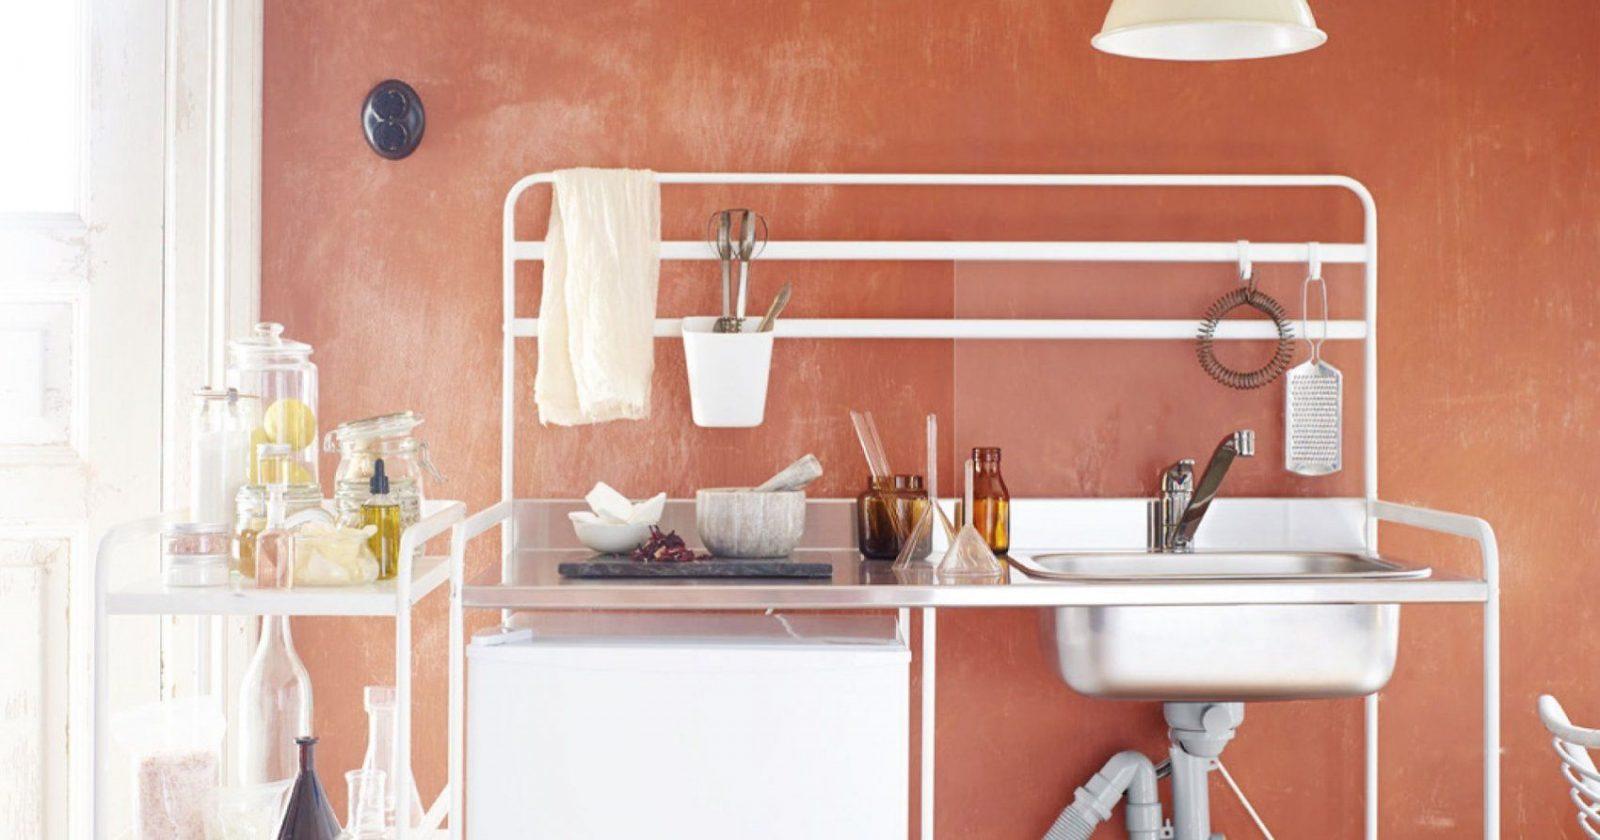 Ikea Sunnersta Miniküche Für 100€ von Küche Unter 1000 Euro Bild